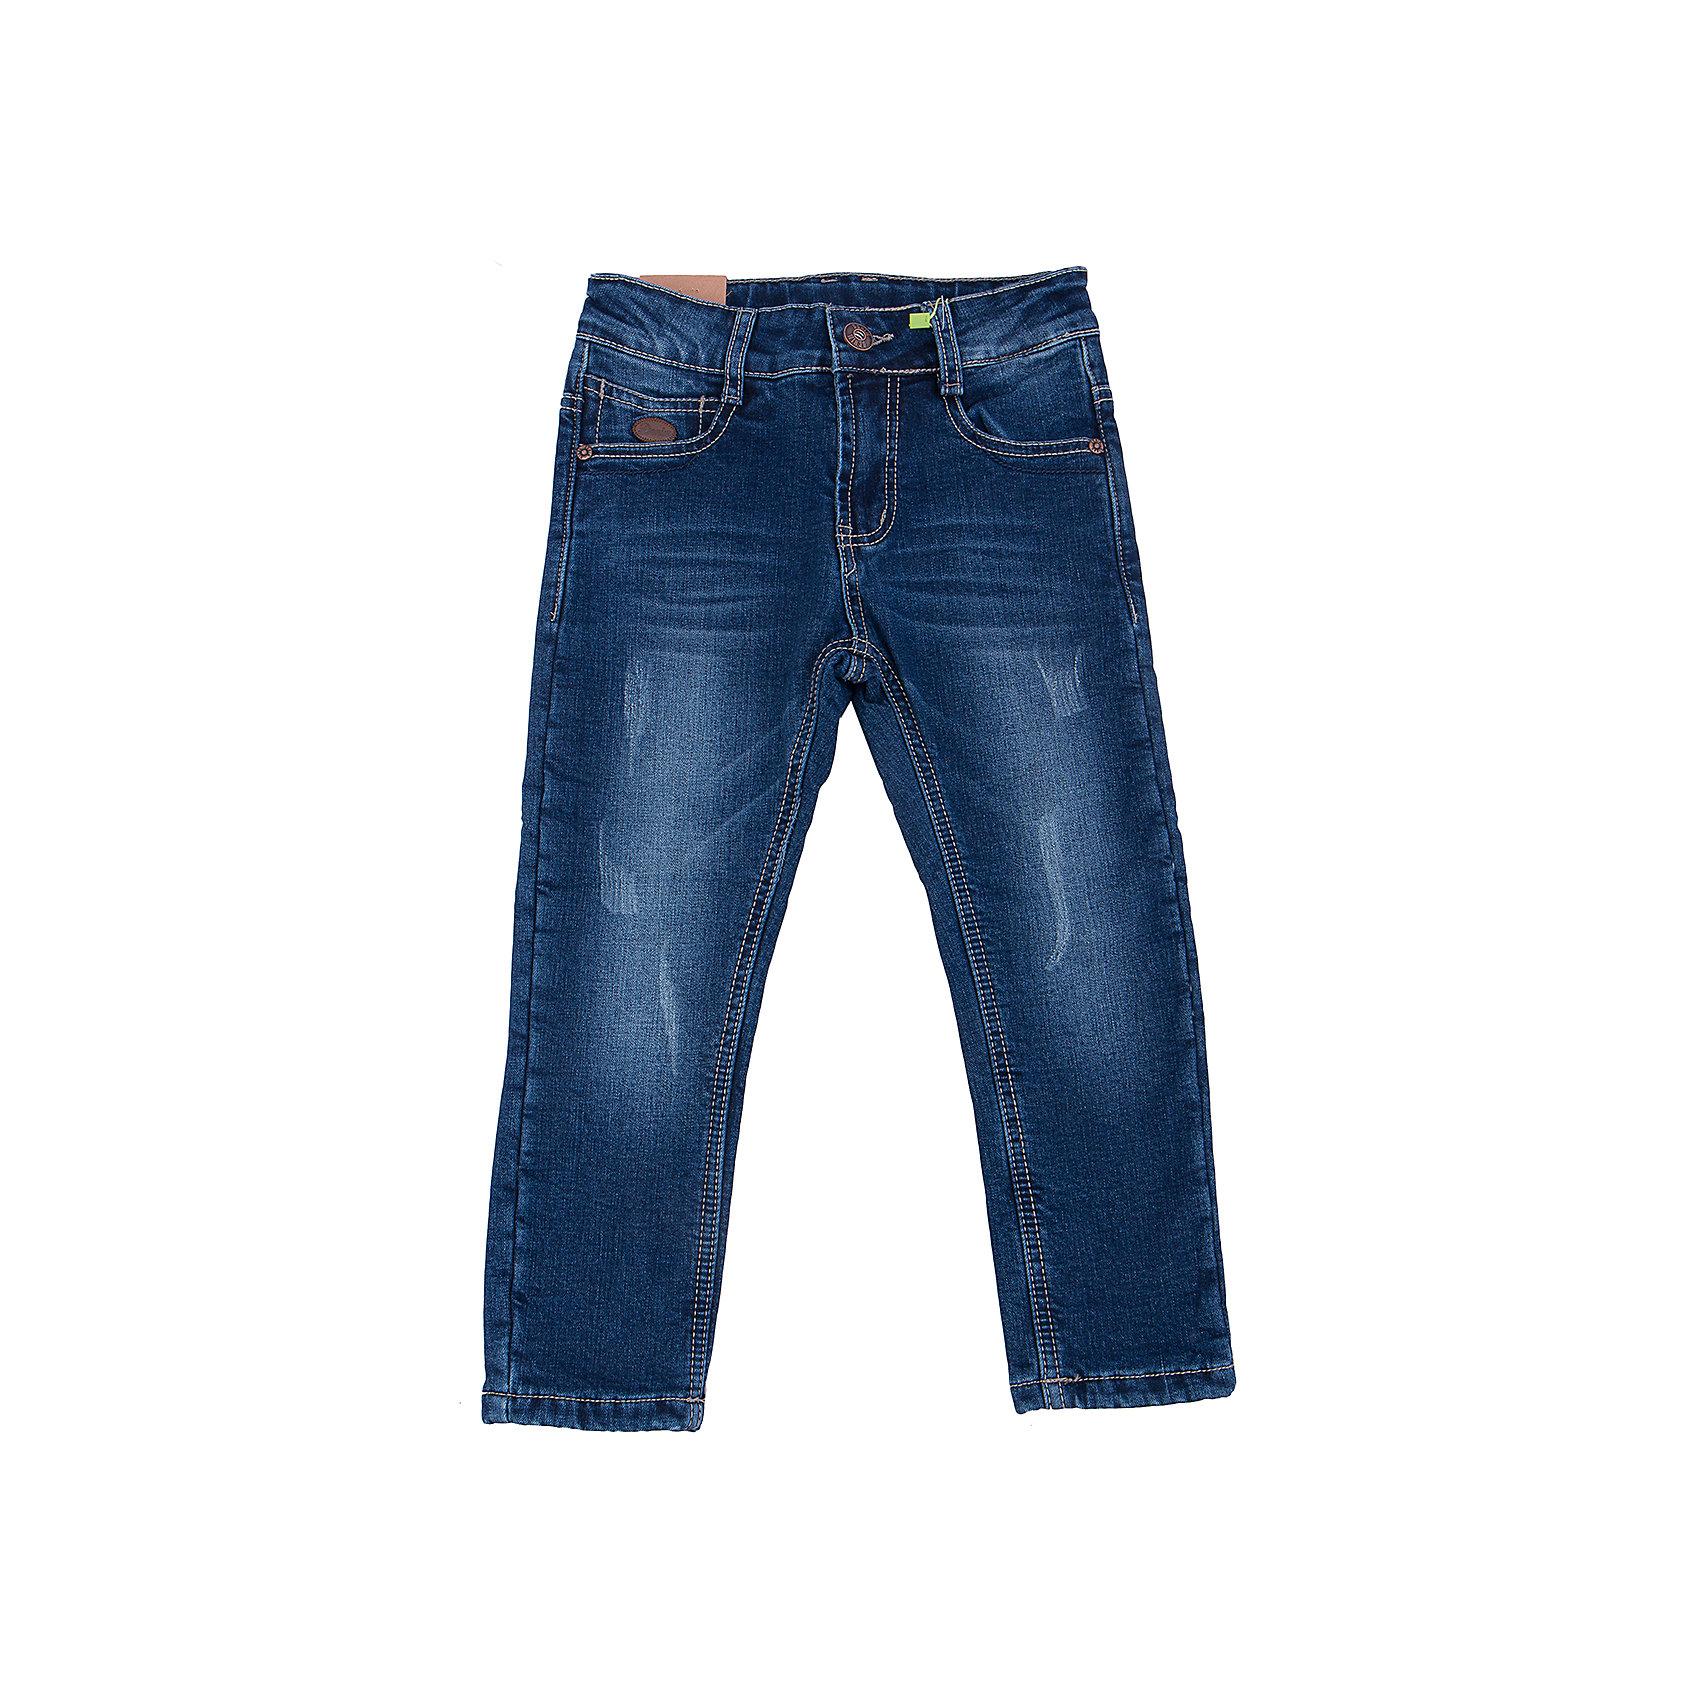 Джинсы для мальчика Sweet BerryТакая модель джинсов для мальчика отличается модным дизайном с контрастной прострочкой и потертостями. Удачный крой обеспечит ребенку комфорт и тепло. Мягкая и теплая подкладка делает вещь идеальной для прохладной погоды. Она плотно прилегает к телу там, где нужно, и отлично сидит по фигуре. Джинсы имеют удобный пояс с регулировкой внутри. Натуральный хлопок обеспечит коже возможность дышать и не вызовет аллергии.<br>Одежда от бренда Sweet Berry - это простой и выгодный способ одеть ребенка удобно и стильно. Всё изделия тщательно проработаны: швы - прочные, материал - качественный, фурнитура - подобранная специально для детей. <br><br>Дополнительная информация:<br><br>цвет: синий;<br>имитация потертостей;<br>материал: 98% хлопок, 2% эластан, подкладка - 100% полиэстер;<br>пояс с регулировкой внутри.<br><br>Джинсы для мальчика от бренда Sweet Berry можно купить в нашем интернет-магазине.<br><br>Ширина мм: 215<br>Глубина мм: 88<br>Высота мм: 191<br>Вес г: 336<br>Цвет: синий<br>Возраст от месяцев: 24<br>Возраст до месяцев: 36<br>Пол: Мужской<br>Возраст: Детский<br>Размер: 98,104,110,116,122,128<br>SKU: 4930585